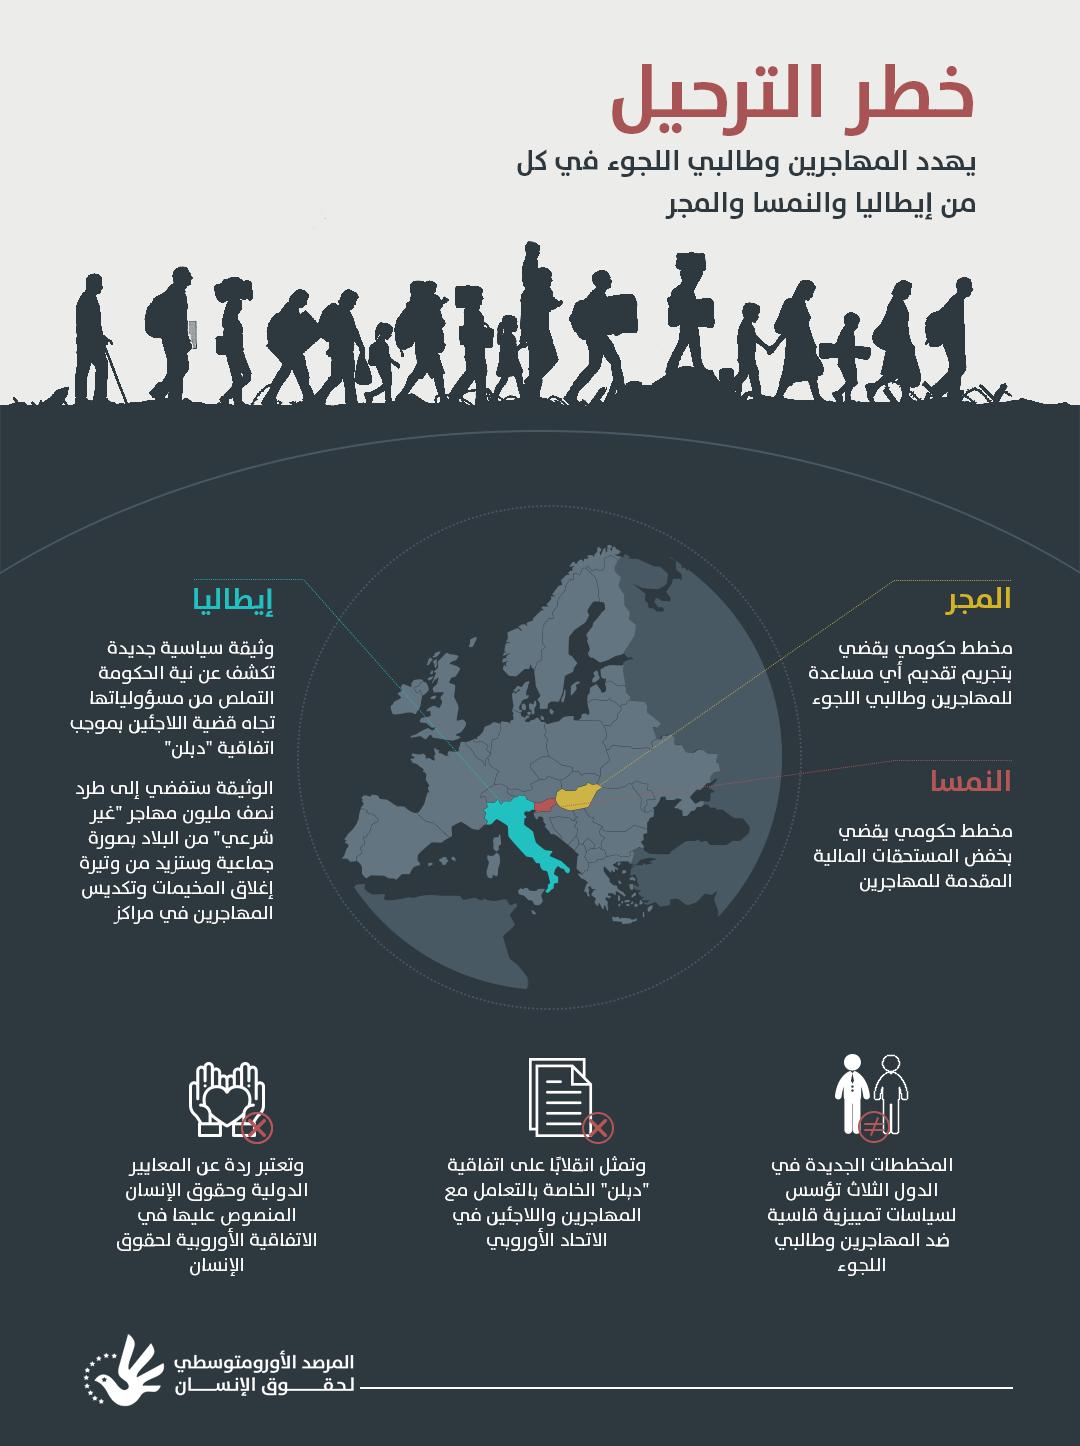 خطر الترحيل يهدد المهاجرين وطالبي اللجوء في كل من إيطاليا والنمسا والمجر